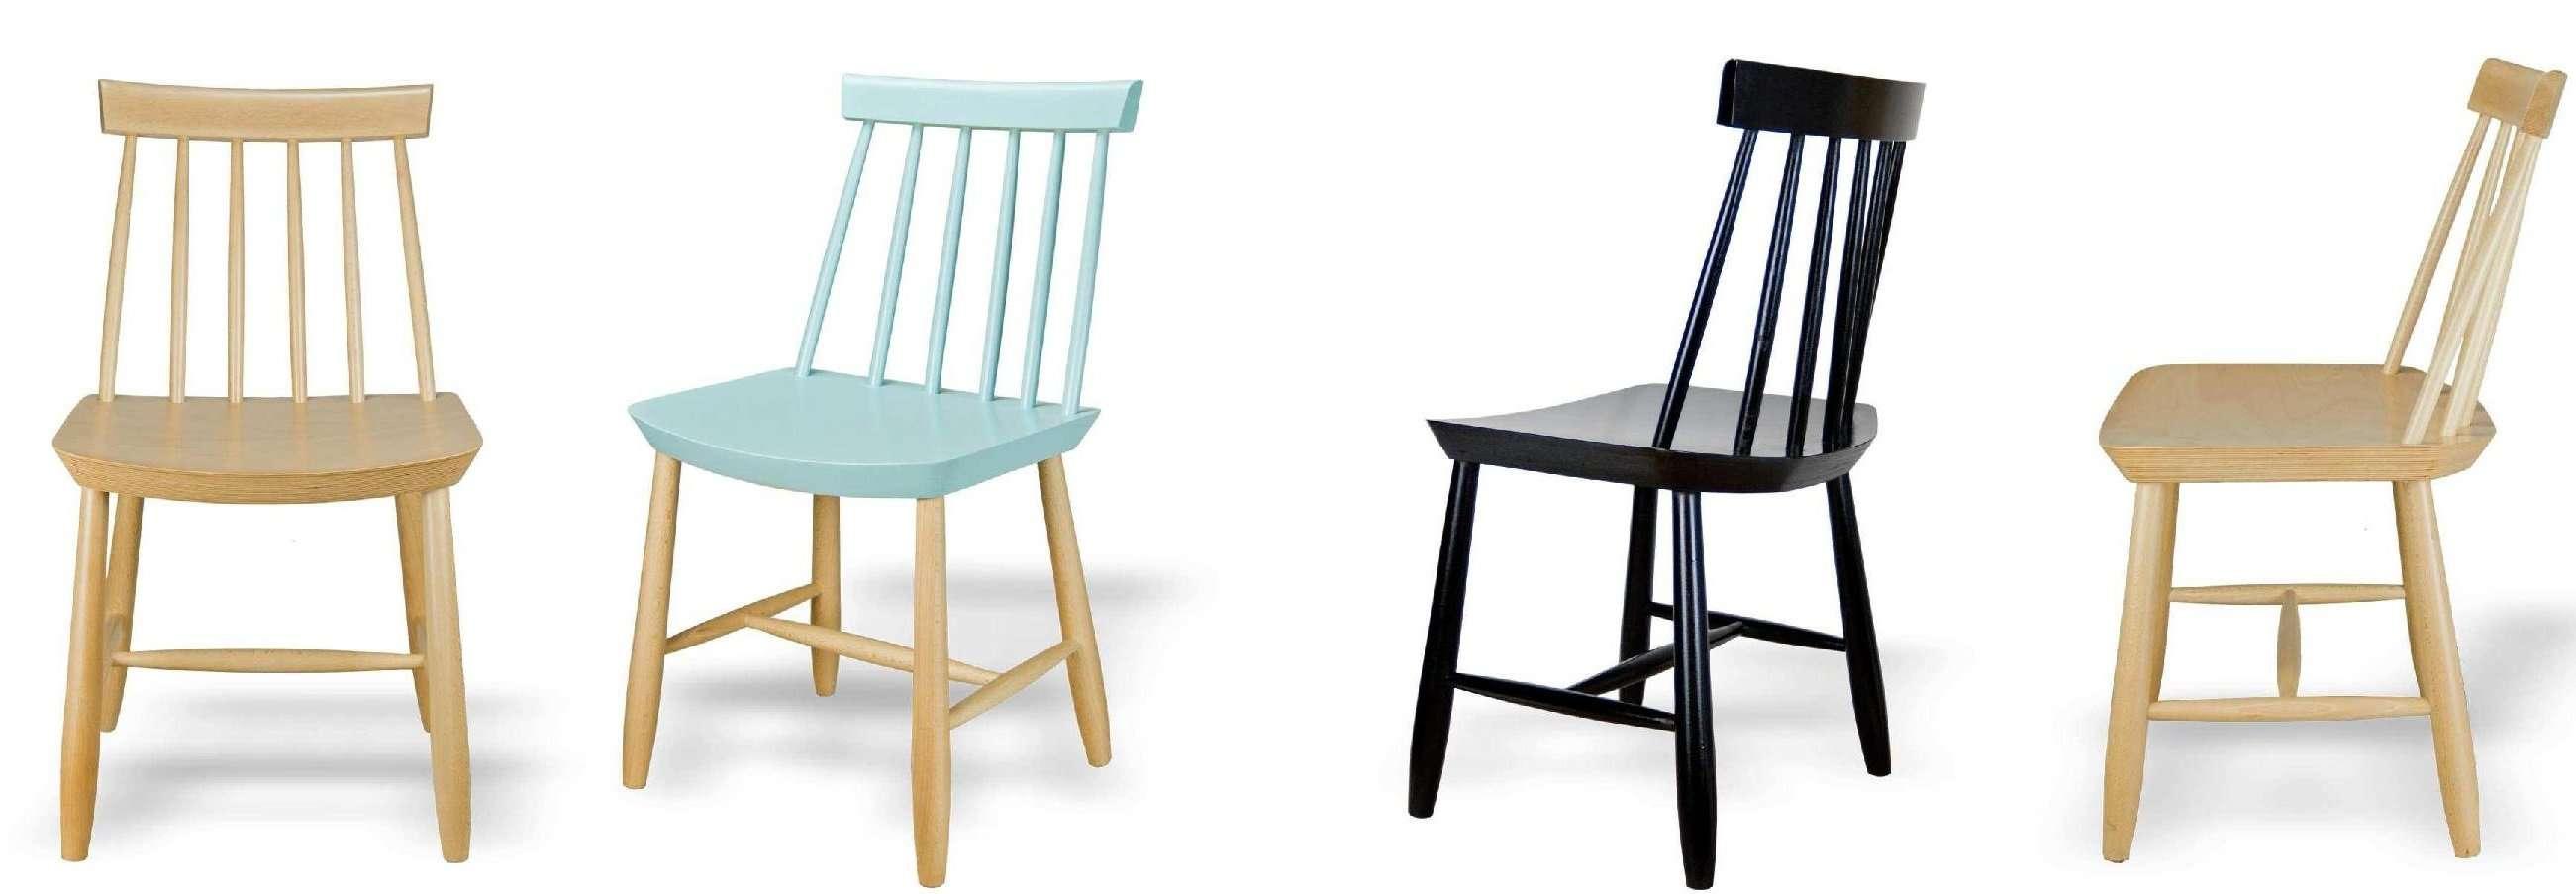 Modelo 103 mesas y sillas para restaurante for Modelos de mesas y sillas